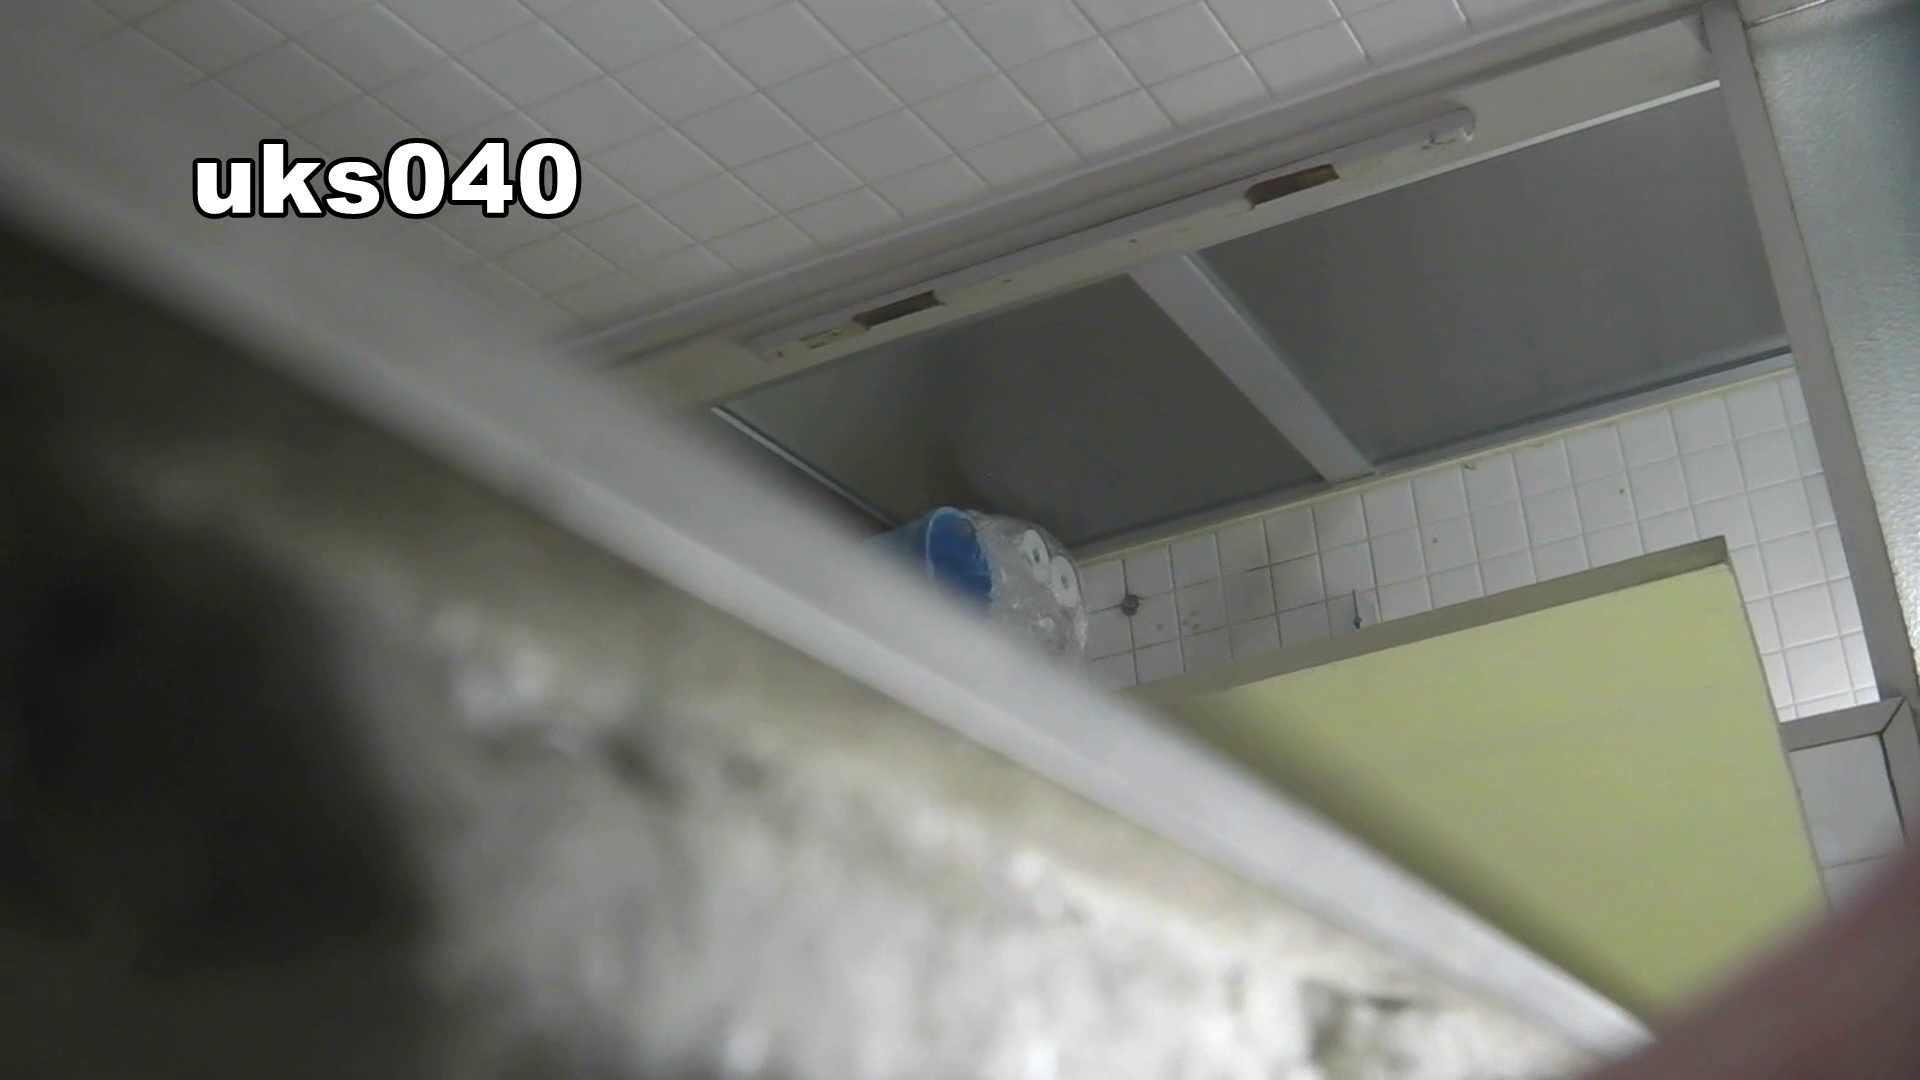 【美しき個室な世界】 vol.040 出て行かれる時の清楚姿撮り 高画質  88PIX 85